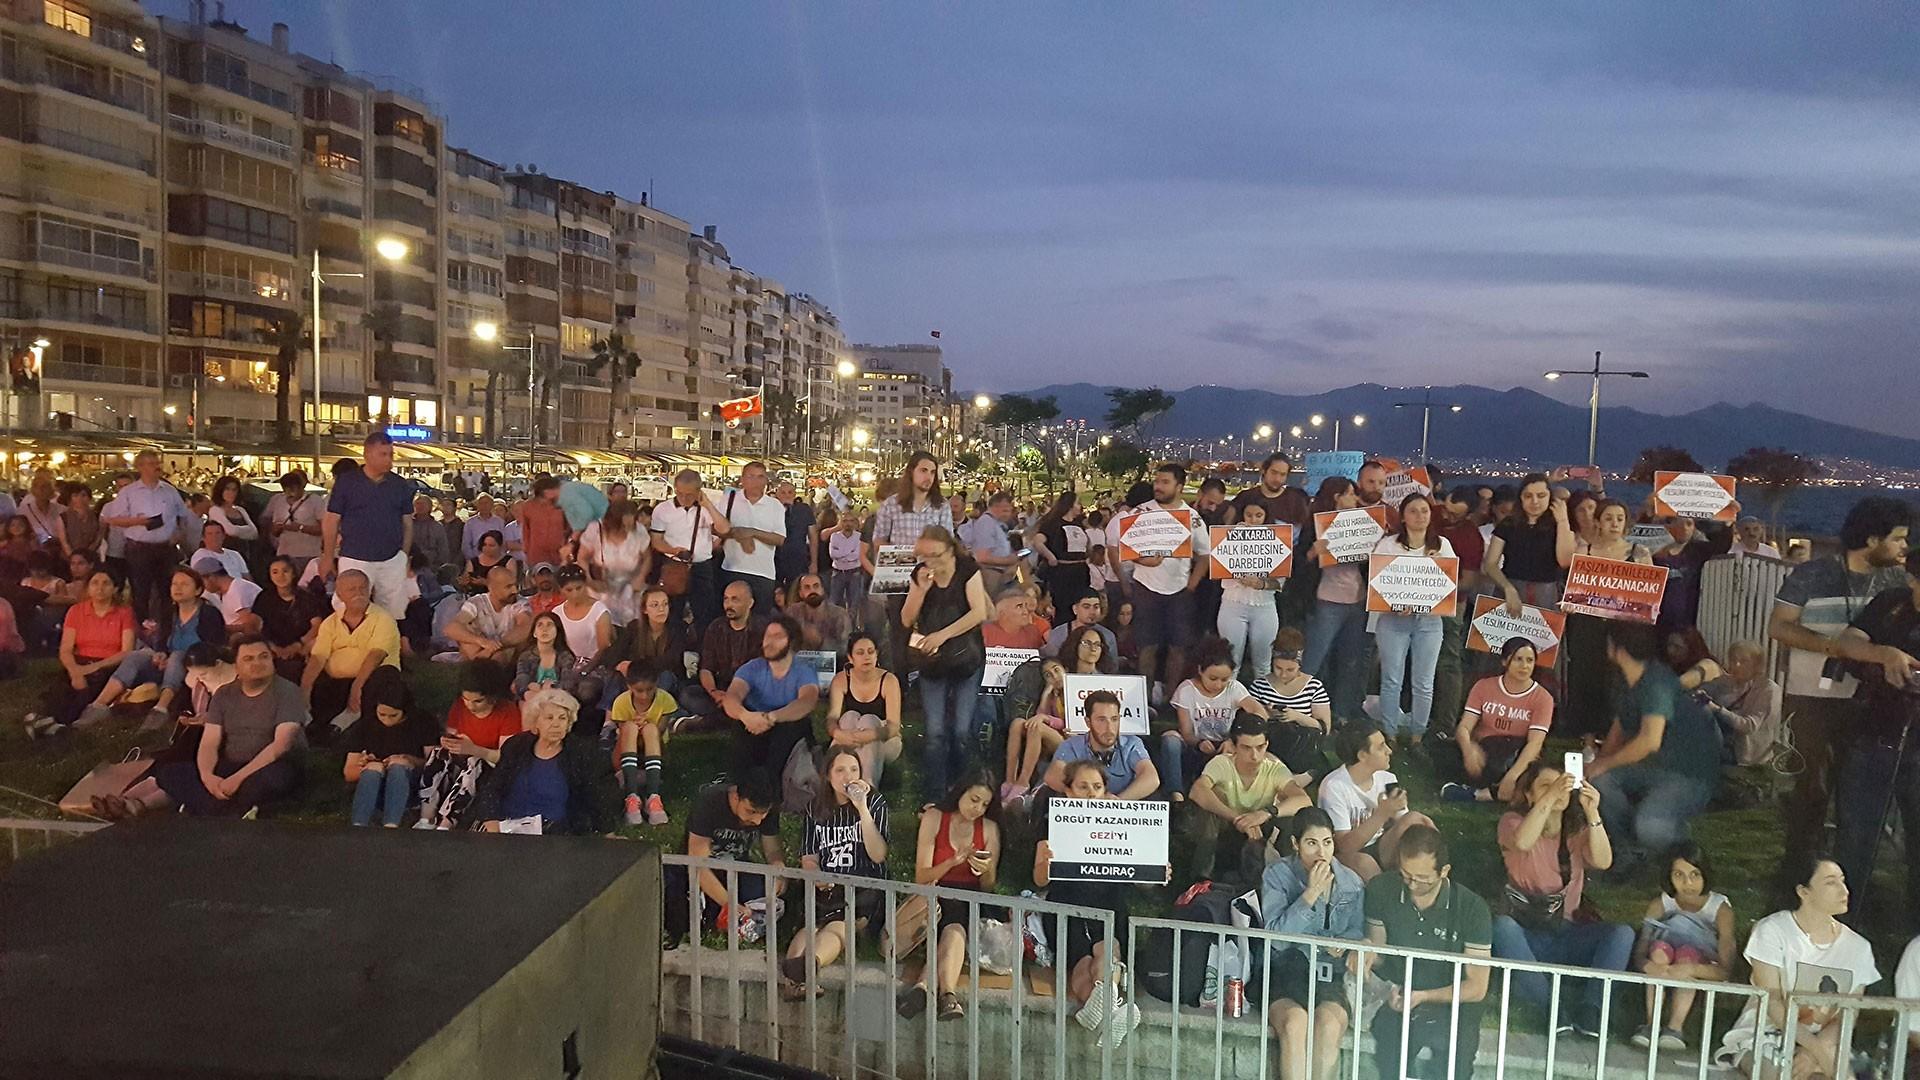 İzmir Gezi 6. yılı anma